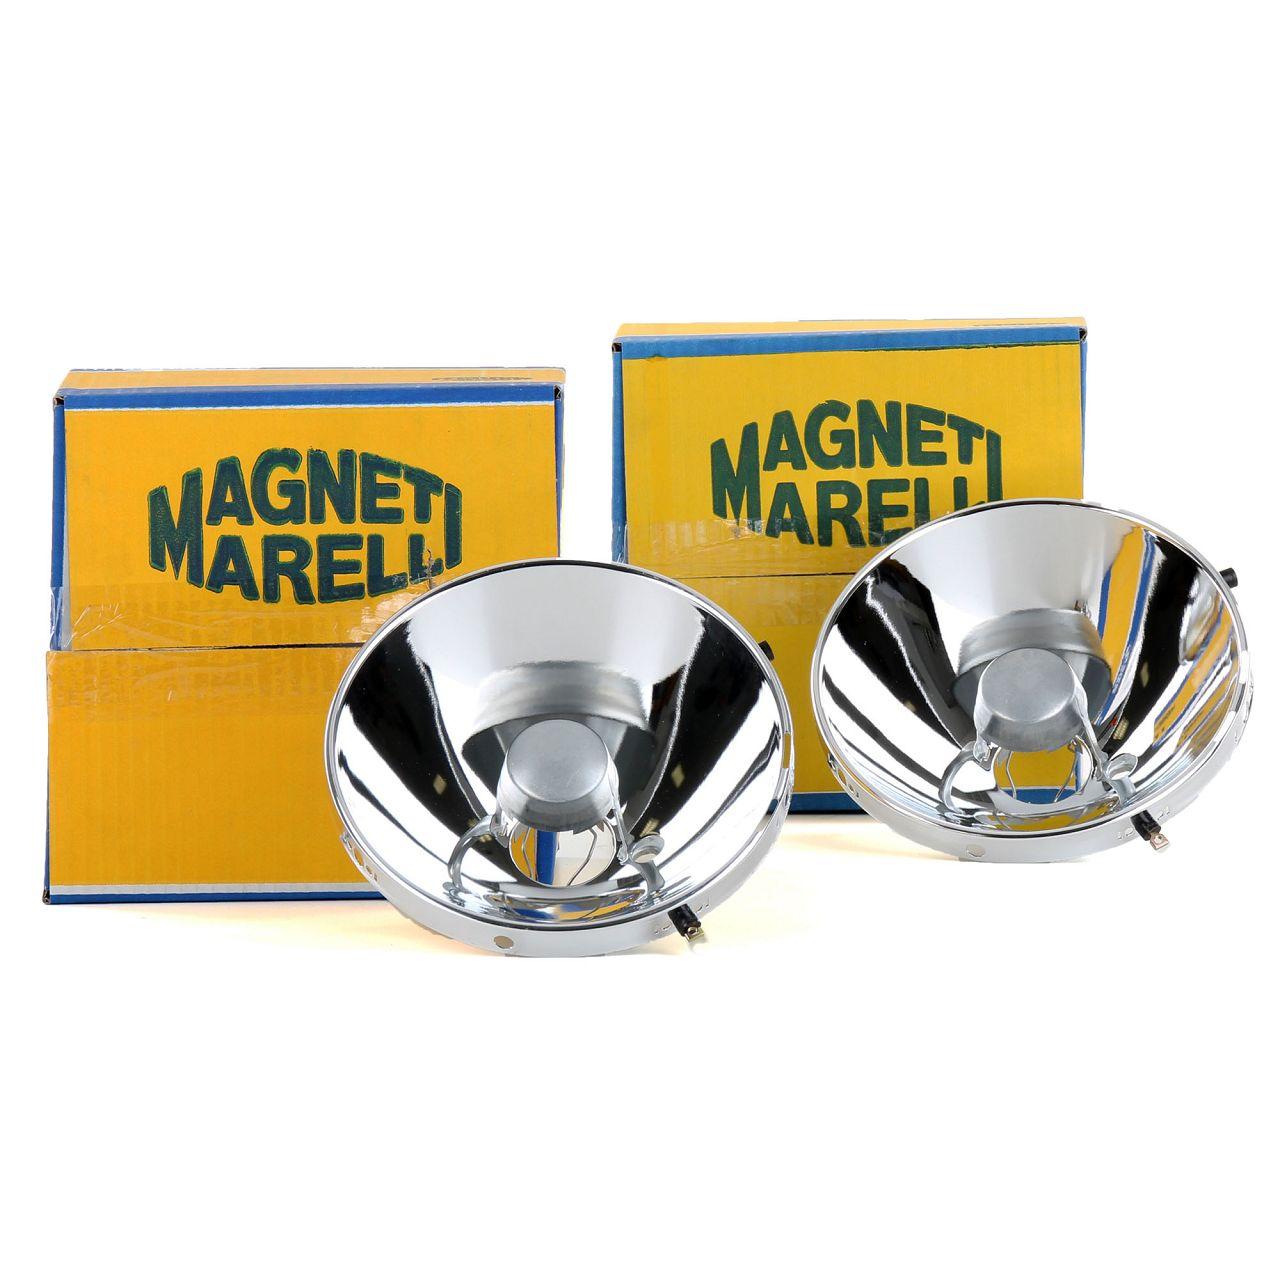 2x MAGNETI MARELLI Reflektor Scheinwerfer Hauptscheinwerfer PORSCHE 911 (964)